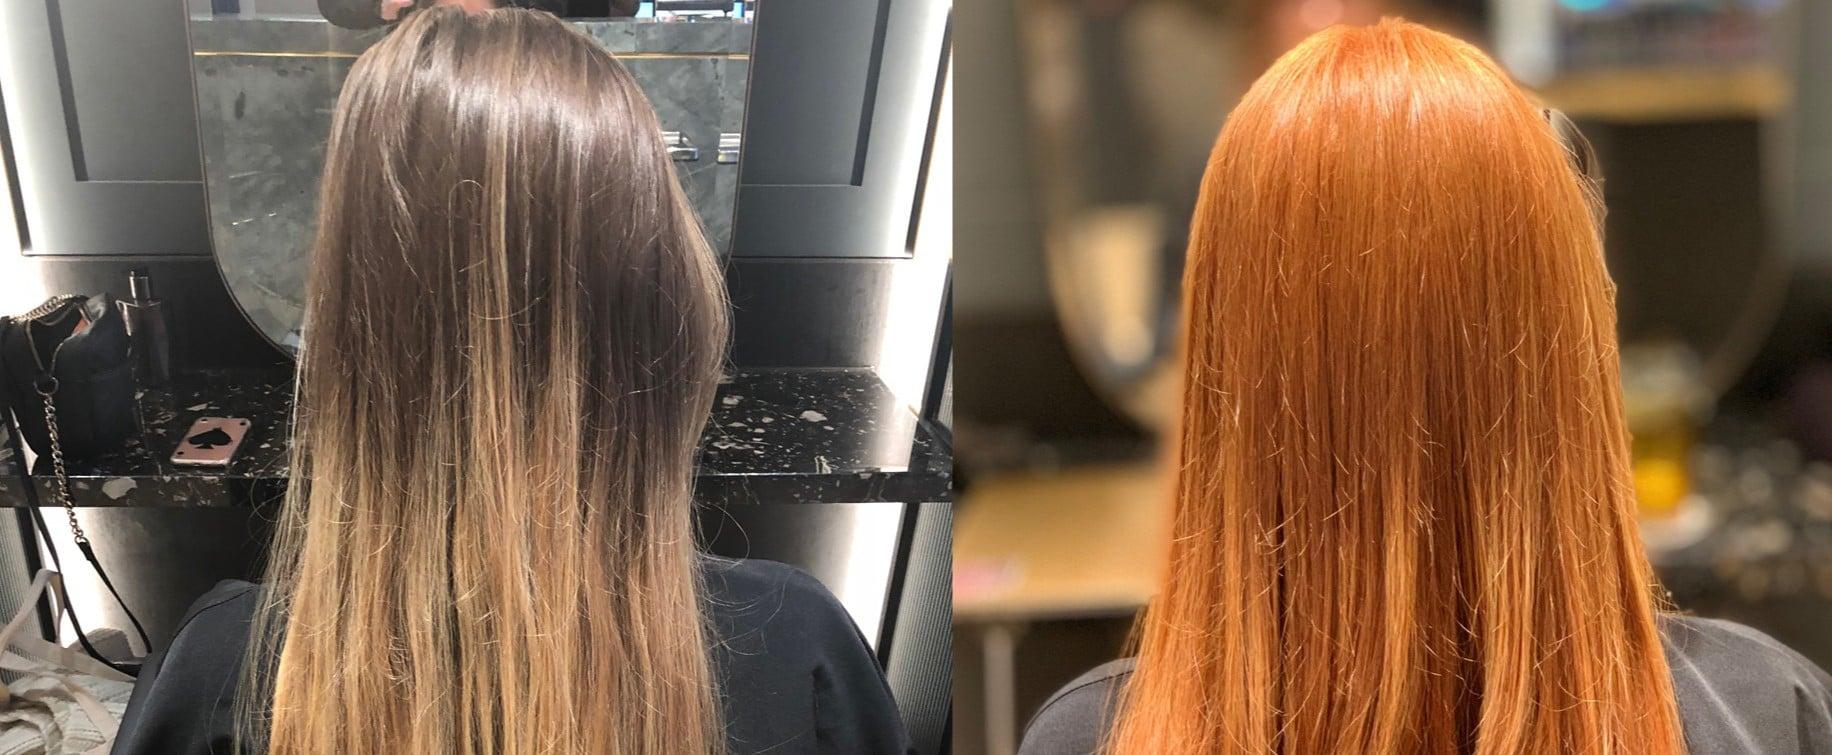 Copper Hair Dye Process